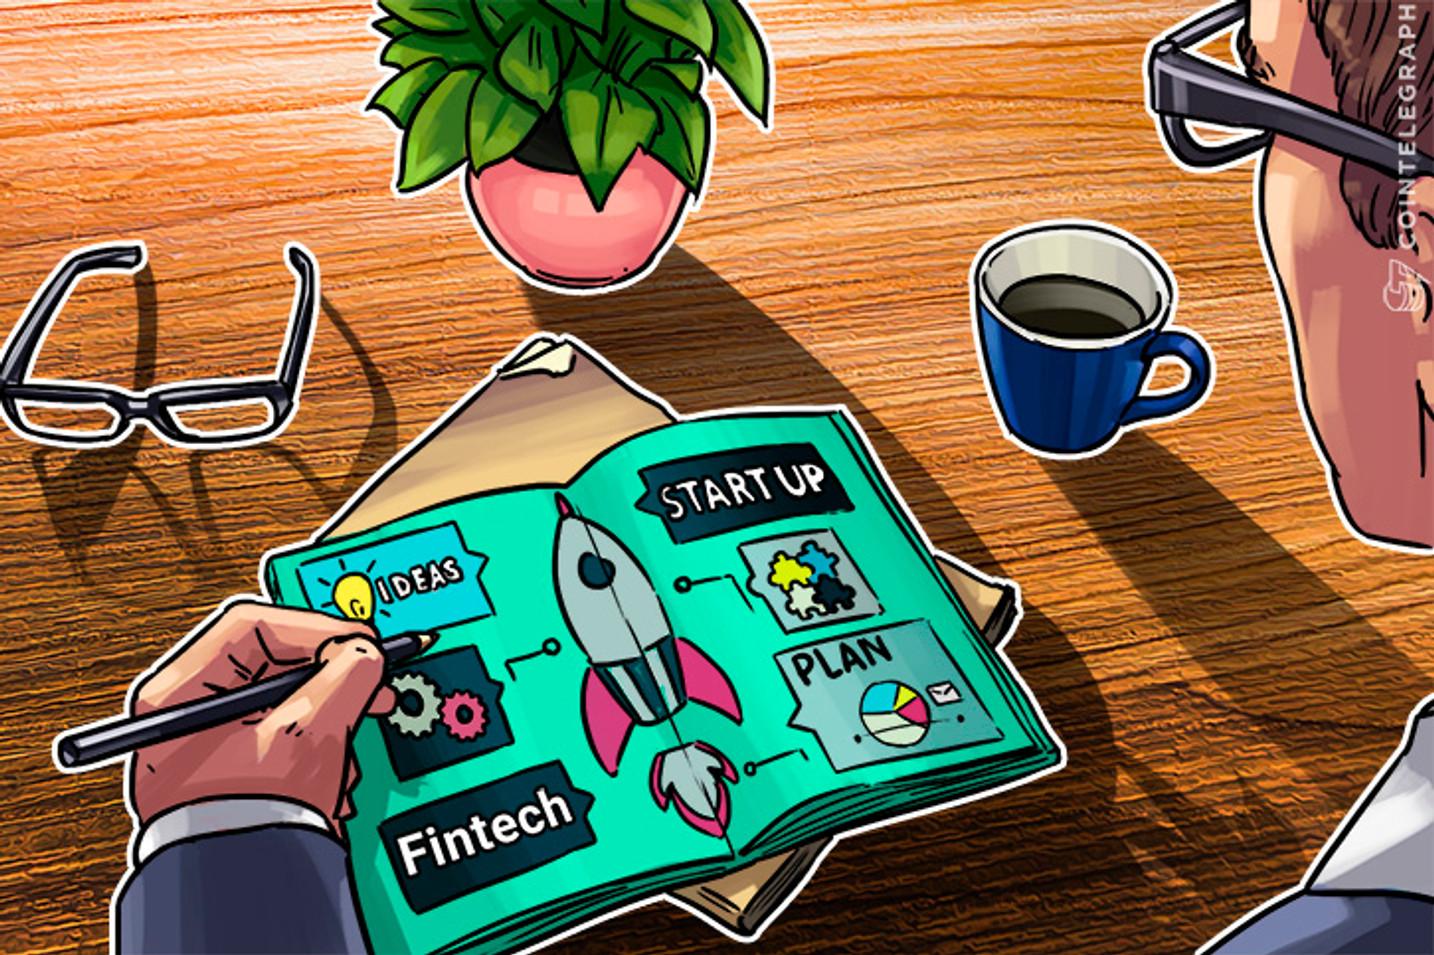 Top Seven Fintech Startups to Follow